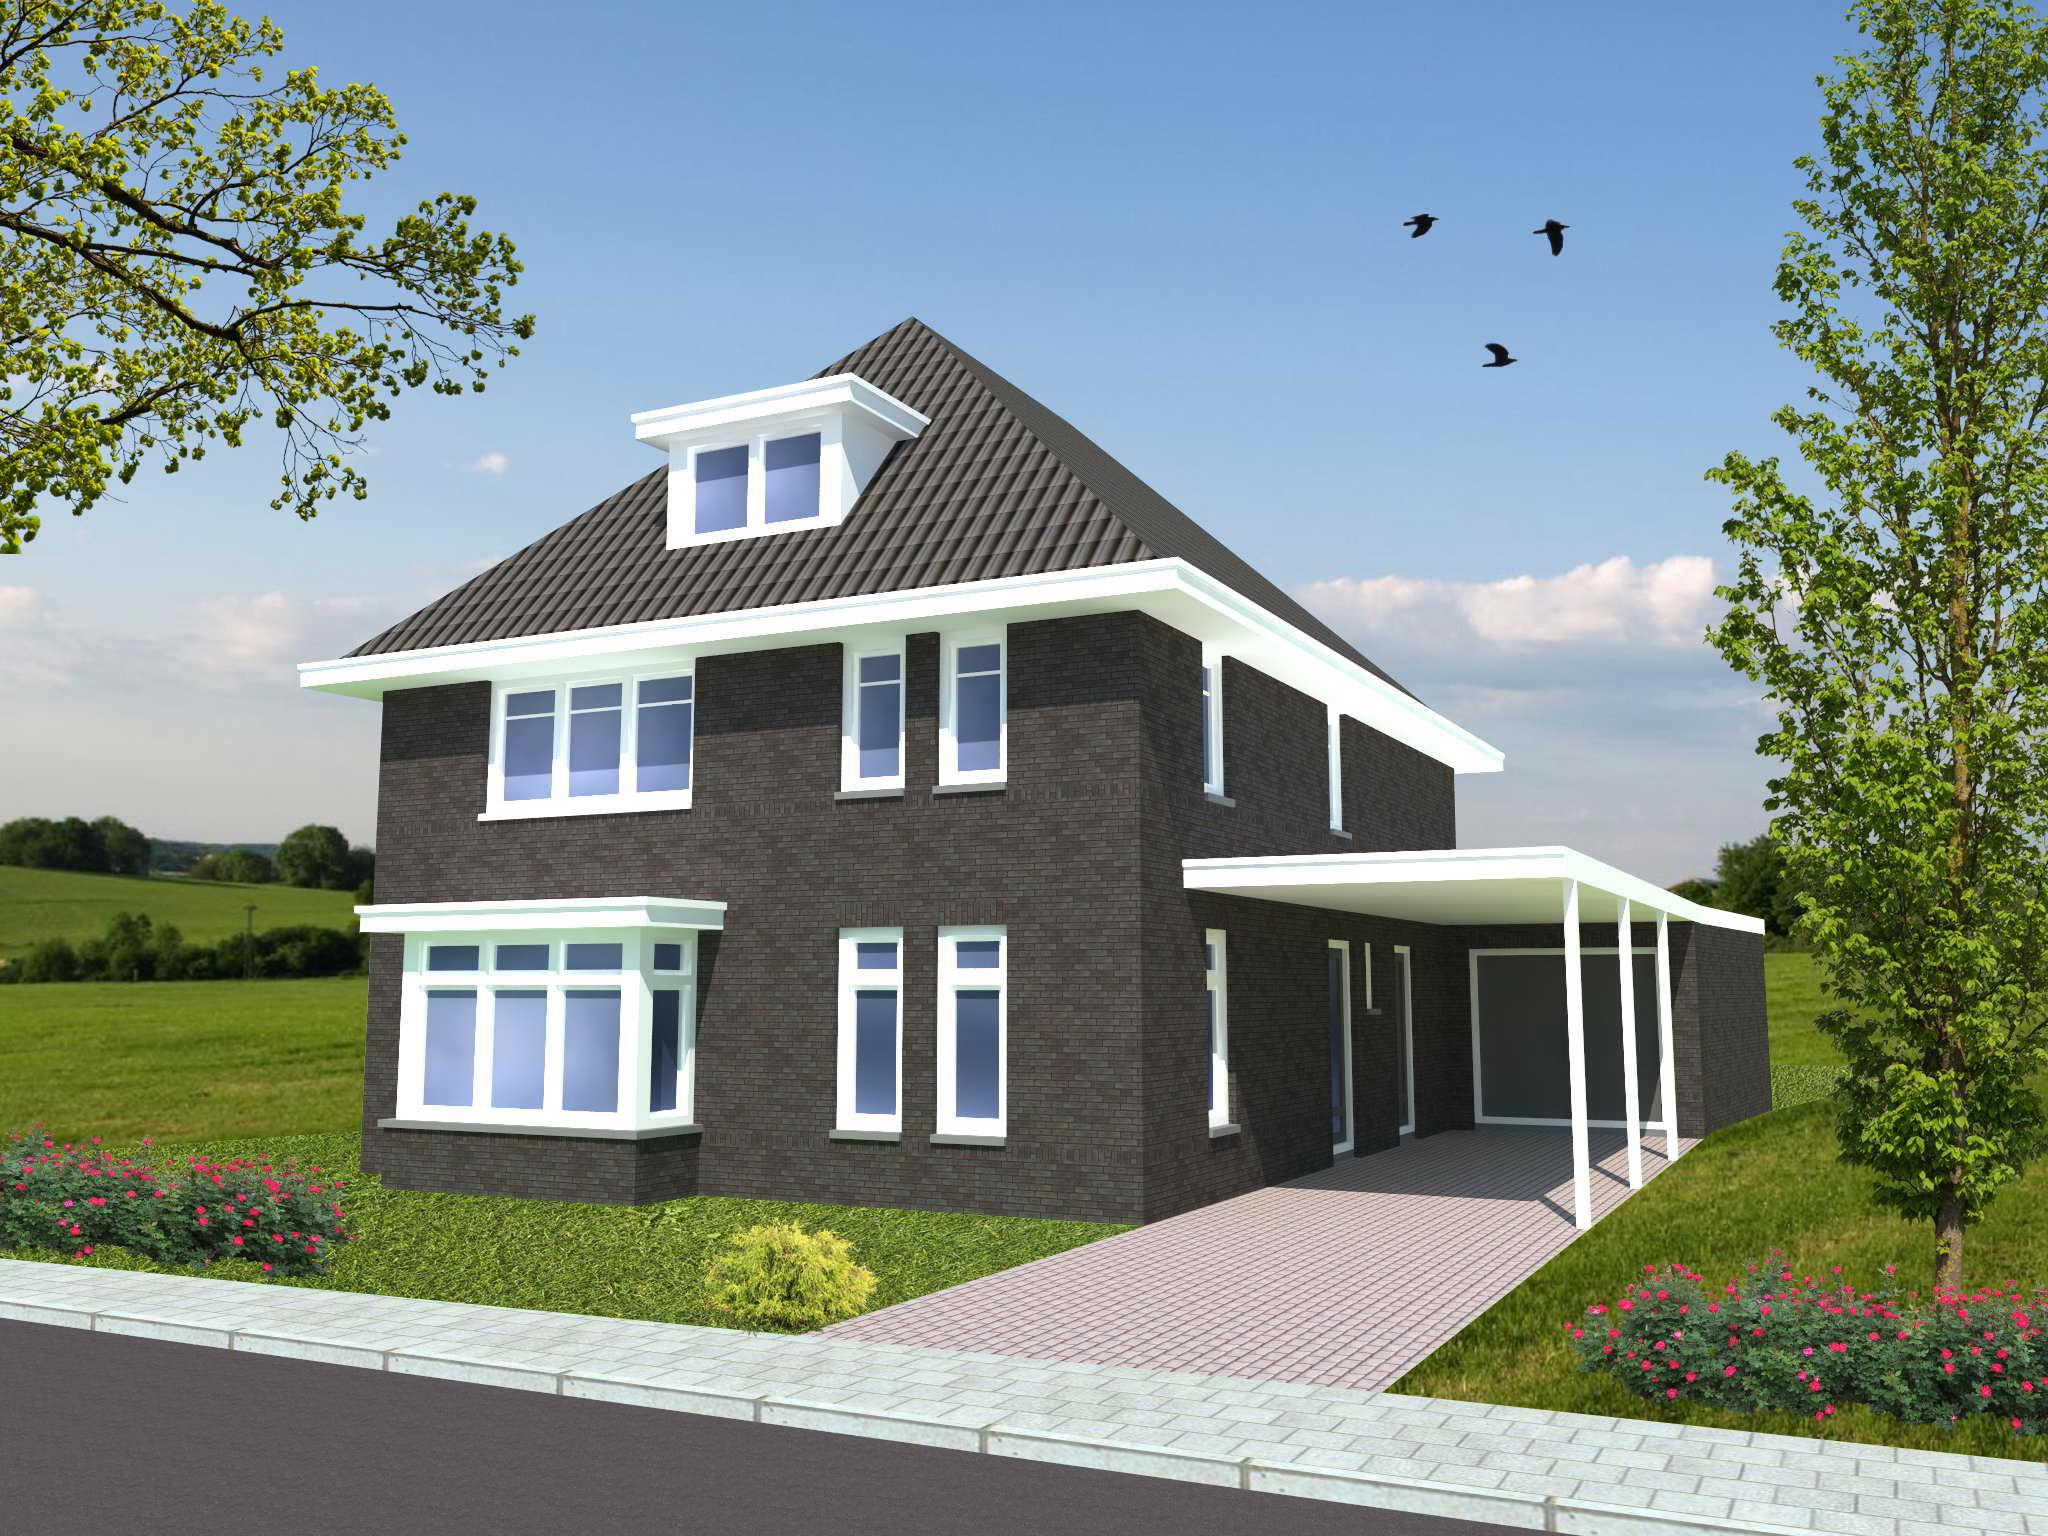 Nieuwbouw vrijstaande woning te oostrum for Nieuwbouw vrijstaande woning